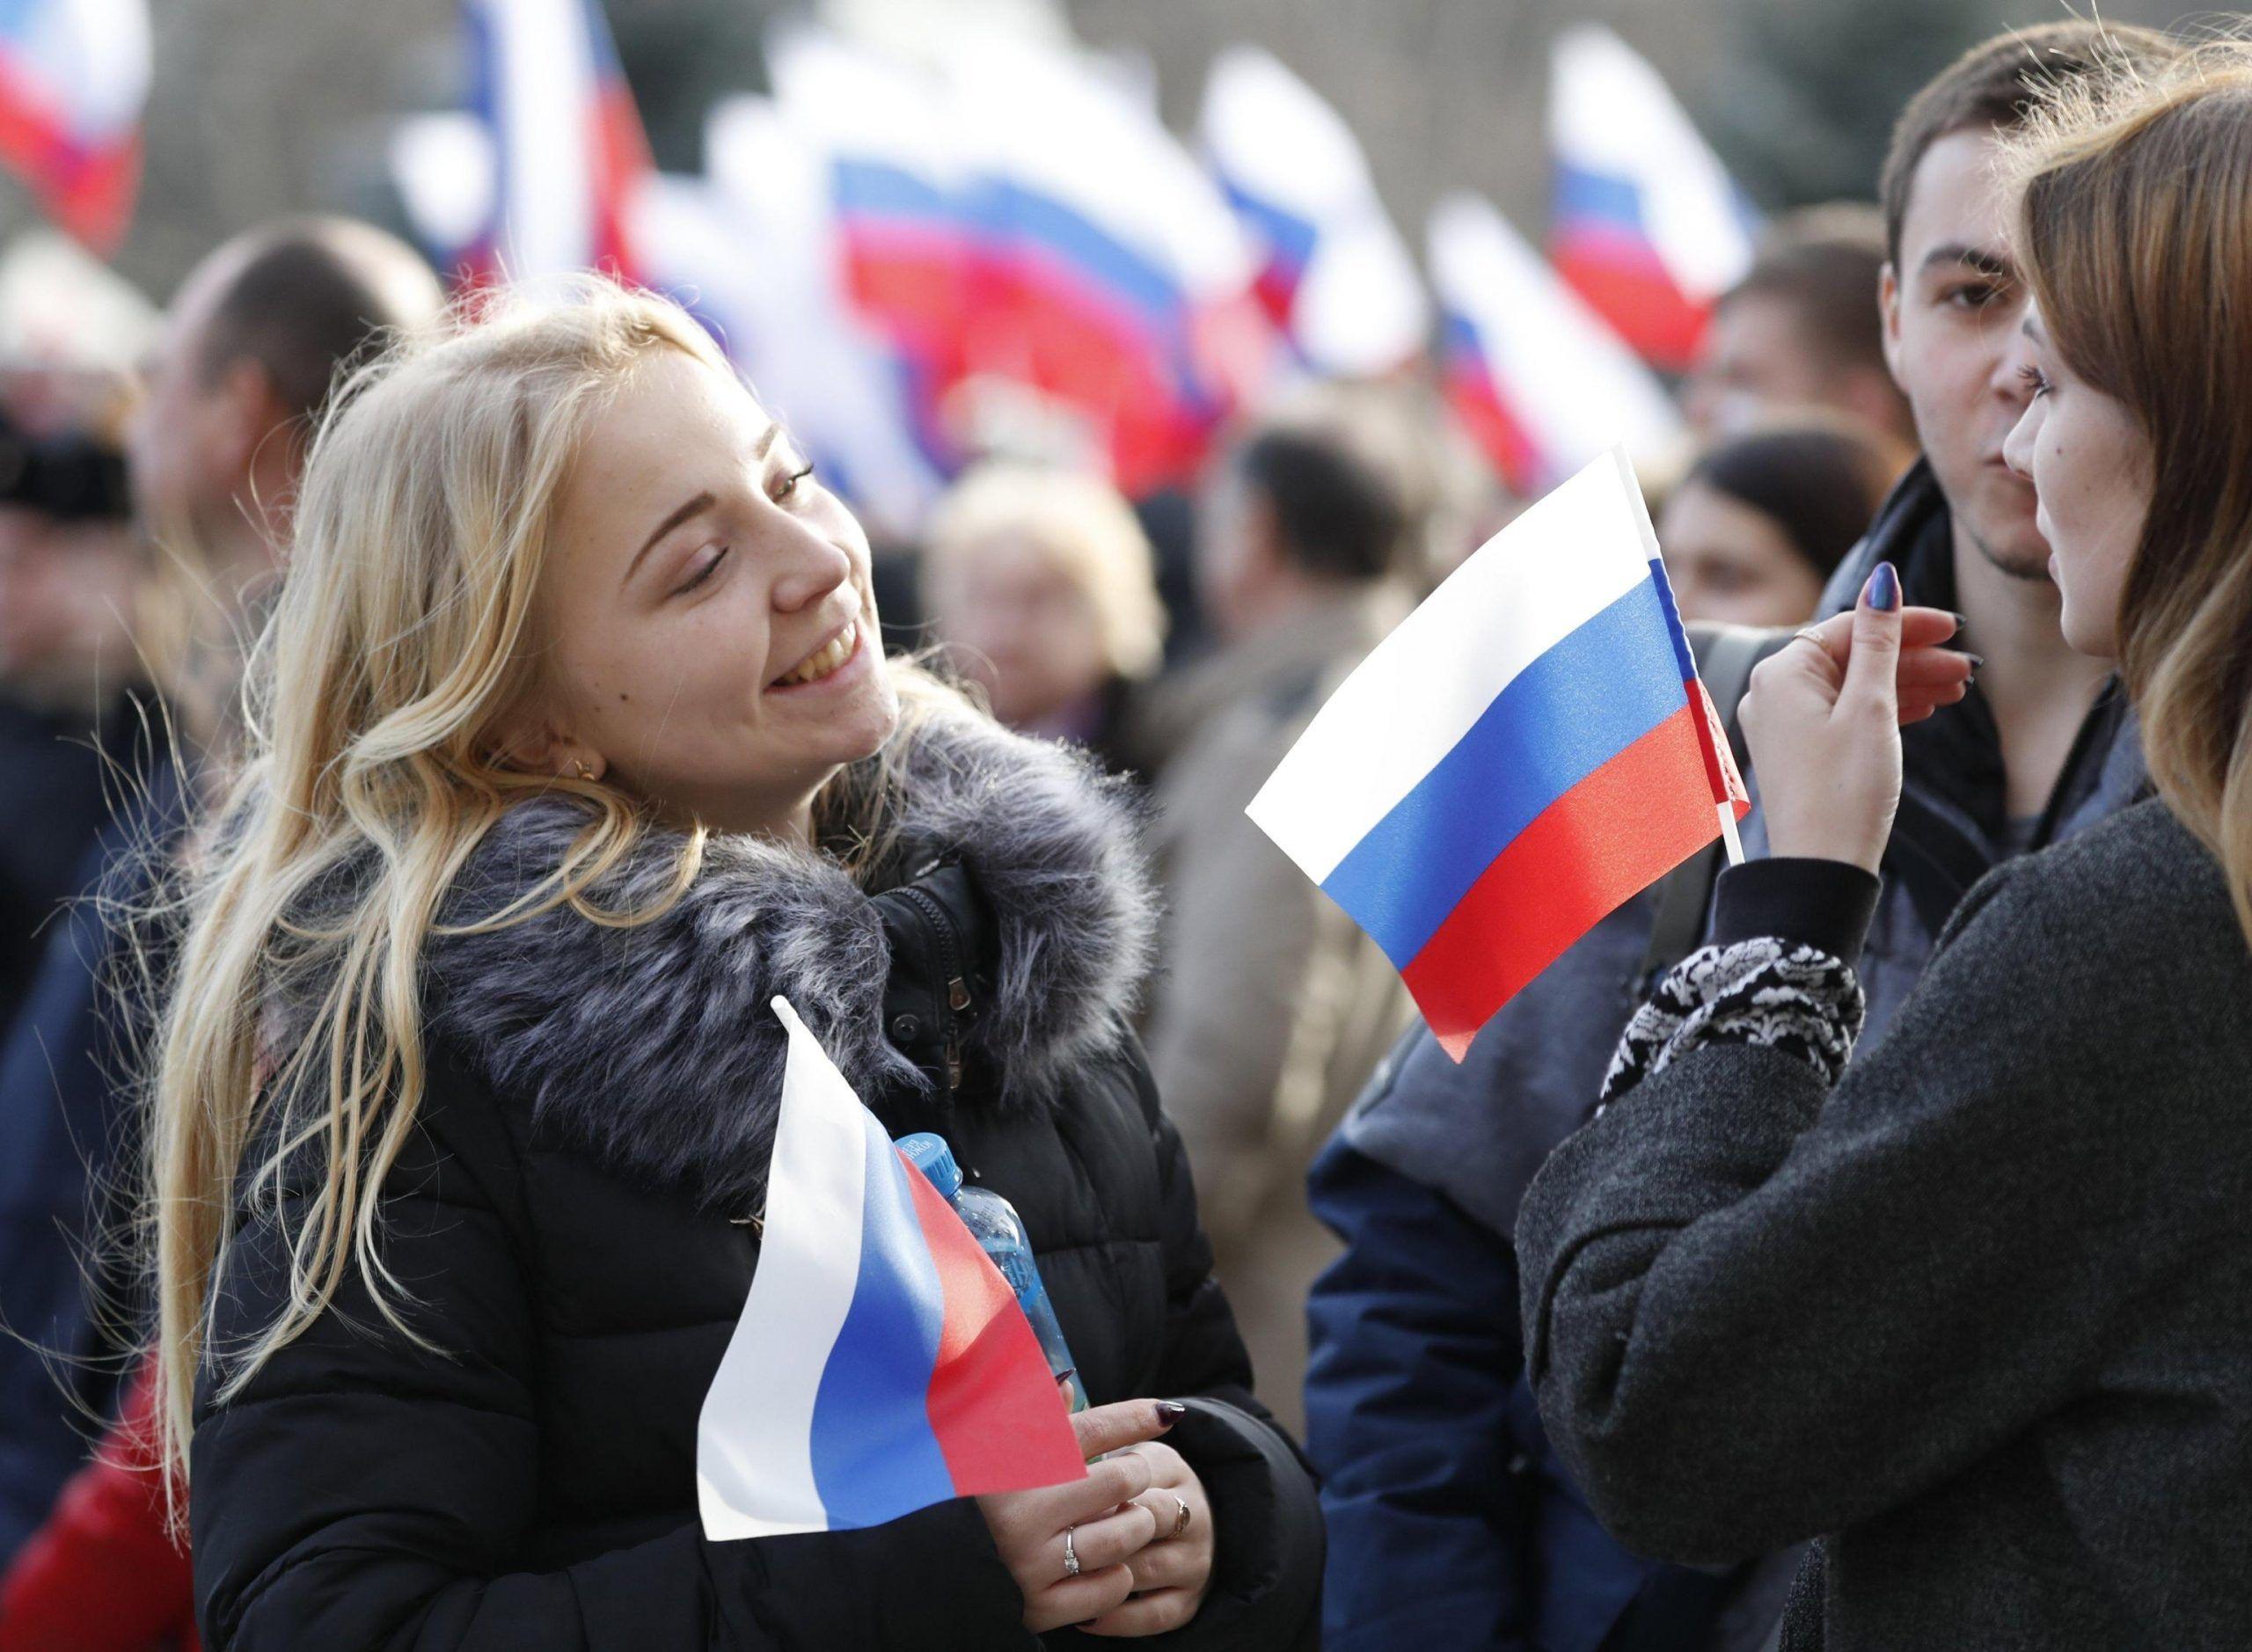 ragazza russa